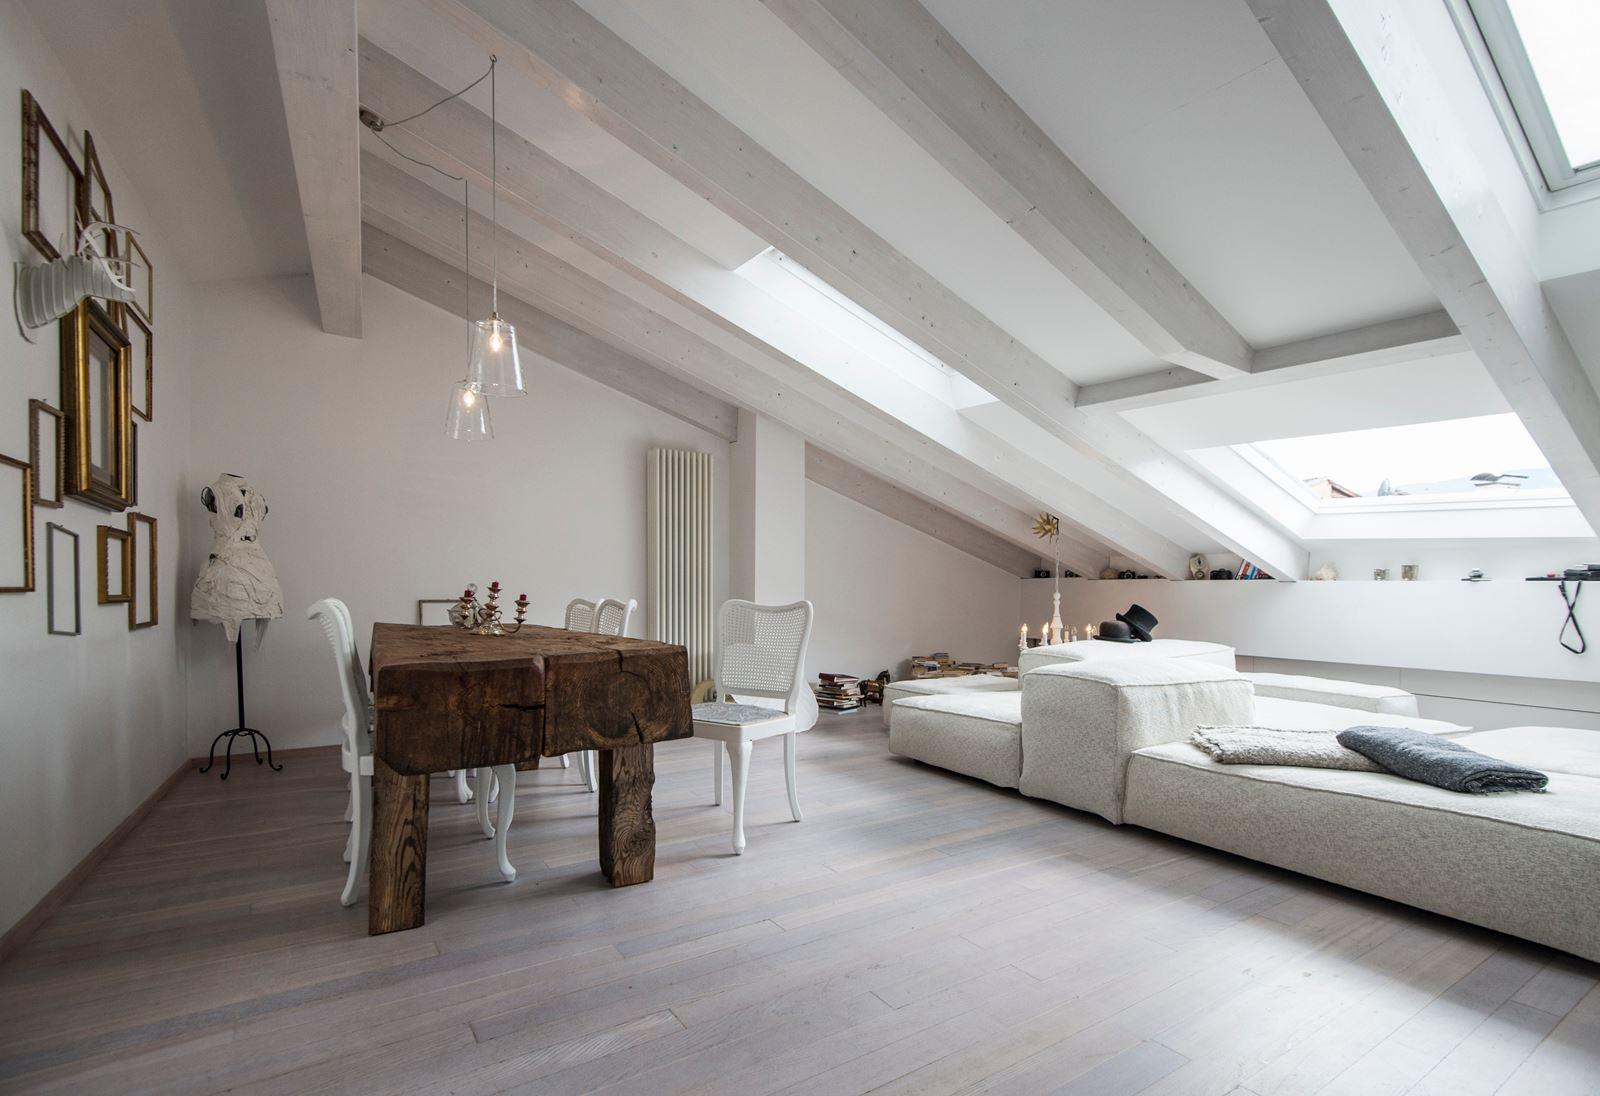 Abbinare bianco e legno in mansarda - Mansarda.it